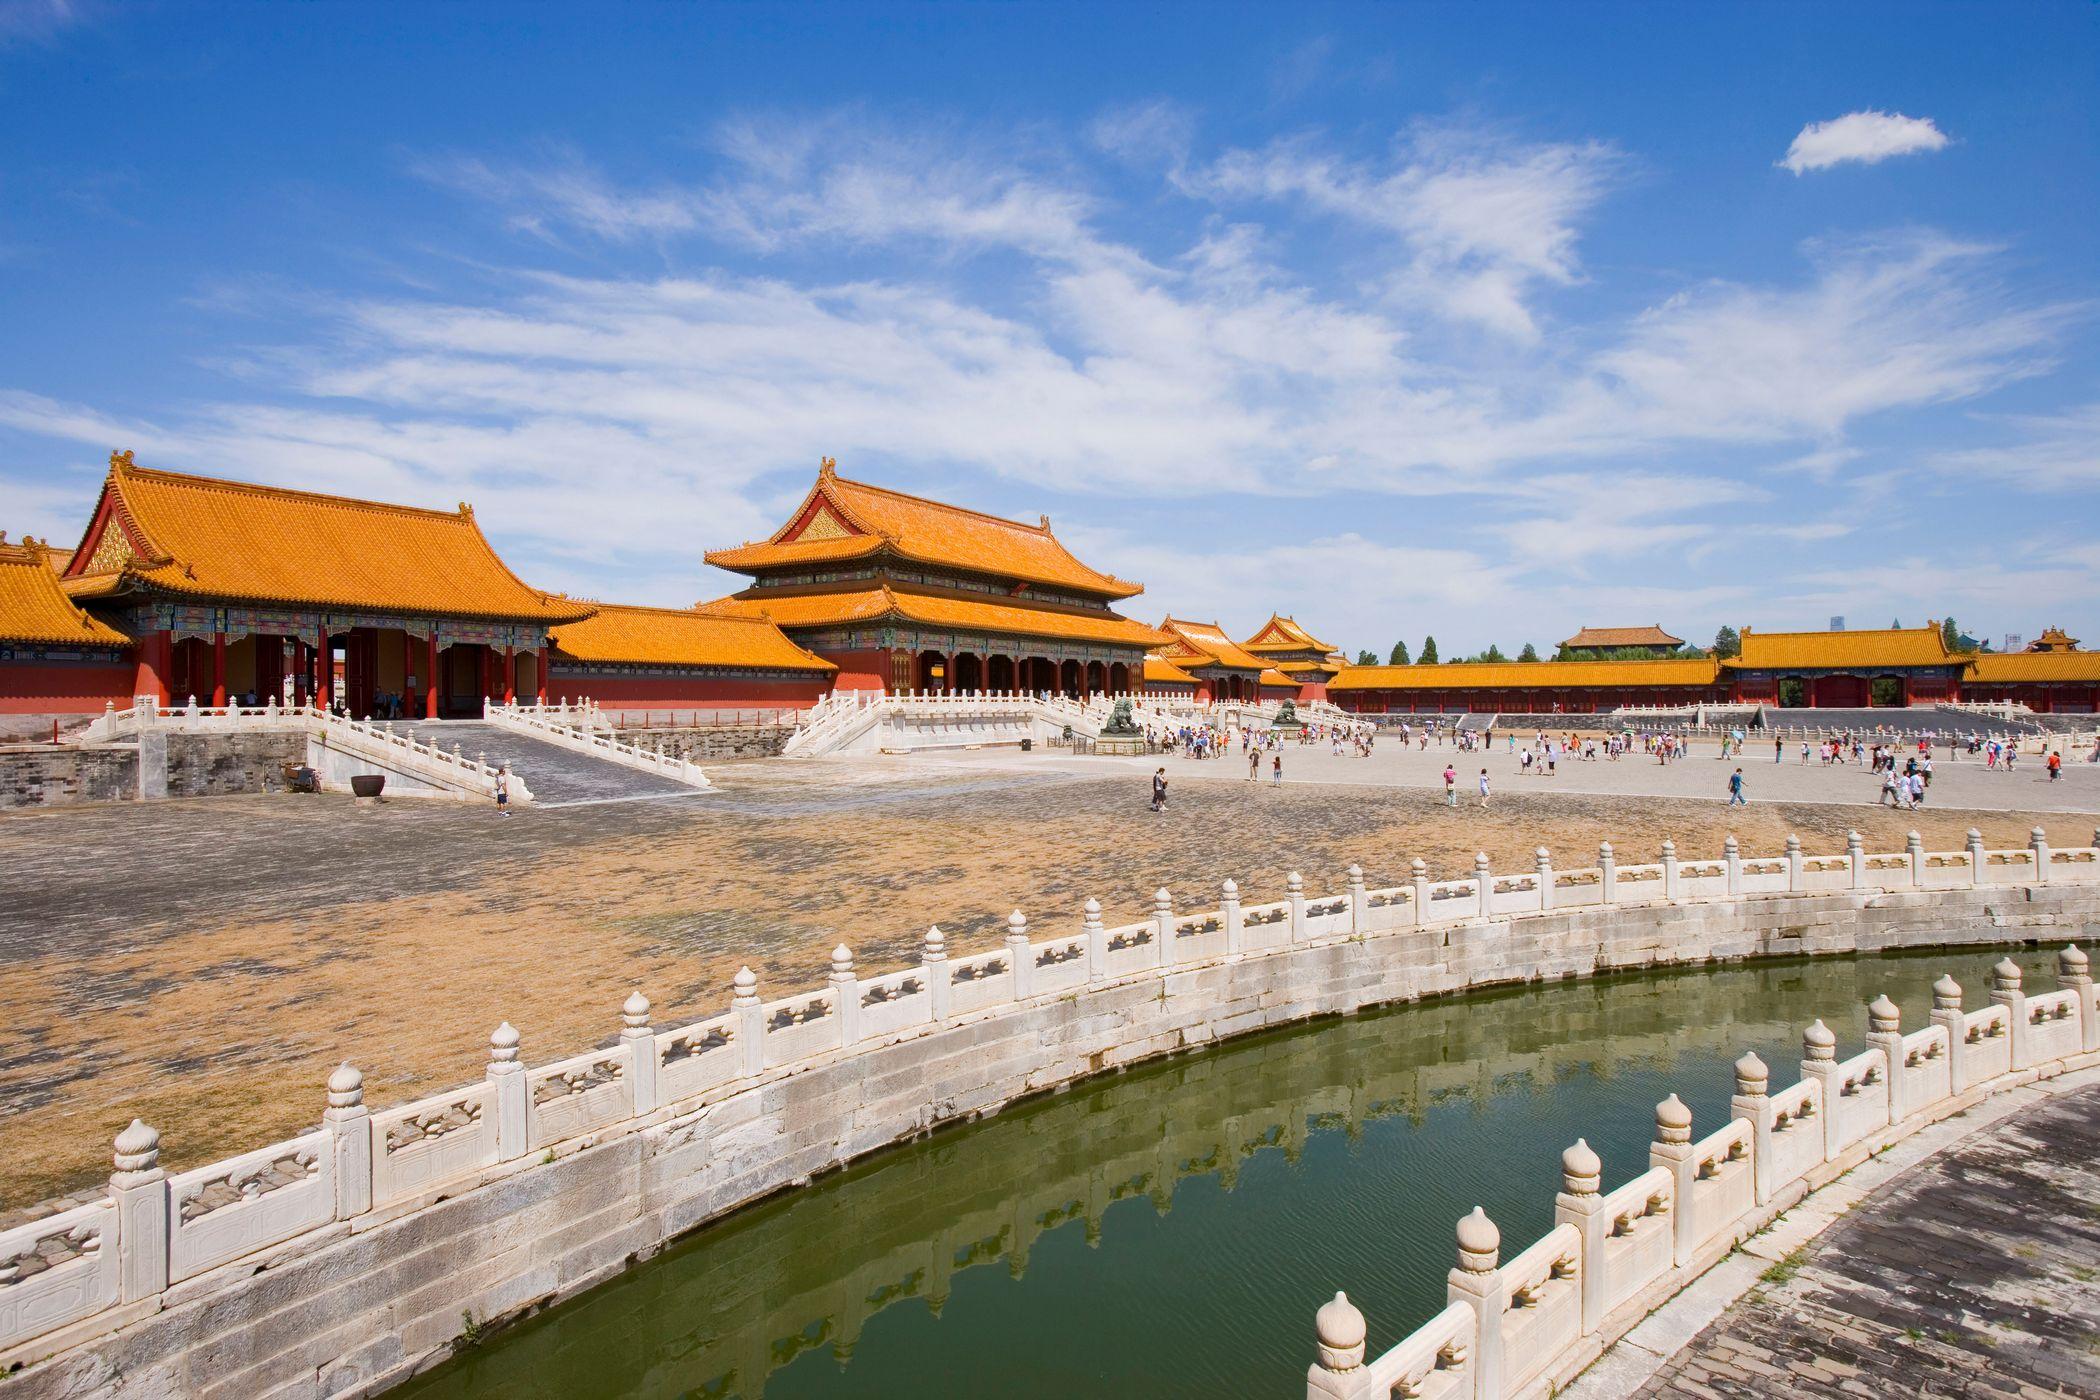 【豪叹四合院】广州往返北京故宫、长城、颐和园、天坛、奥林匹克公园双飞5天